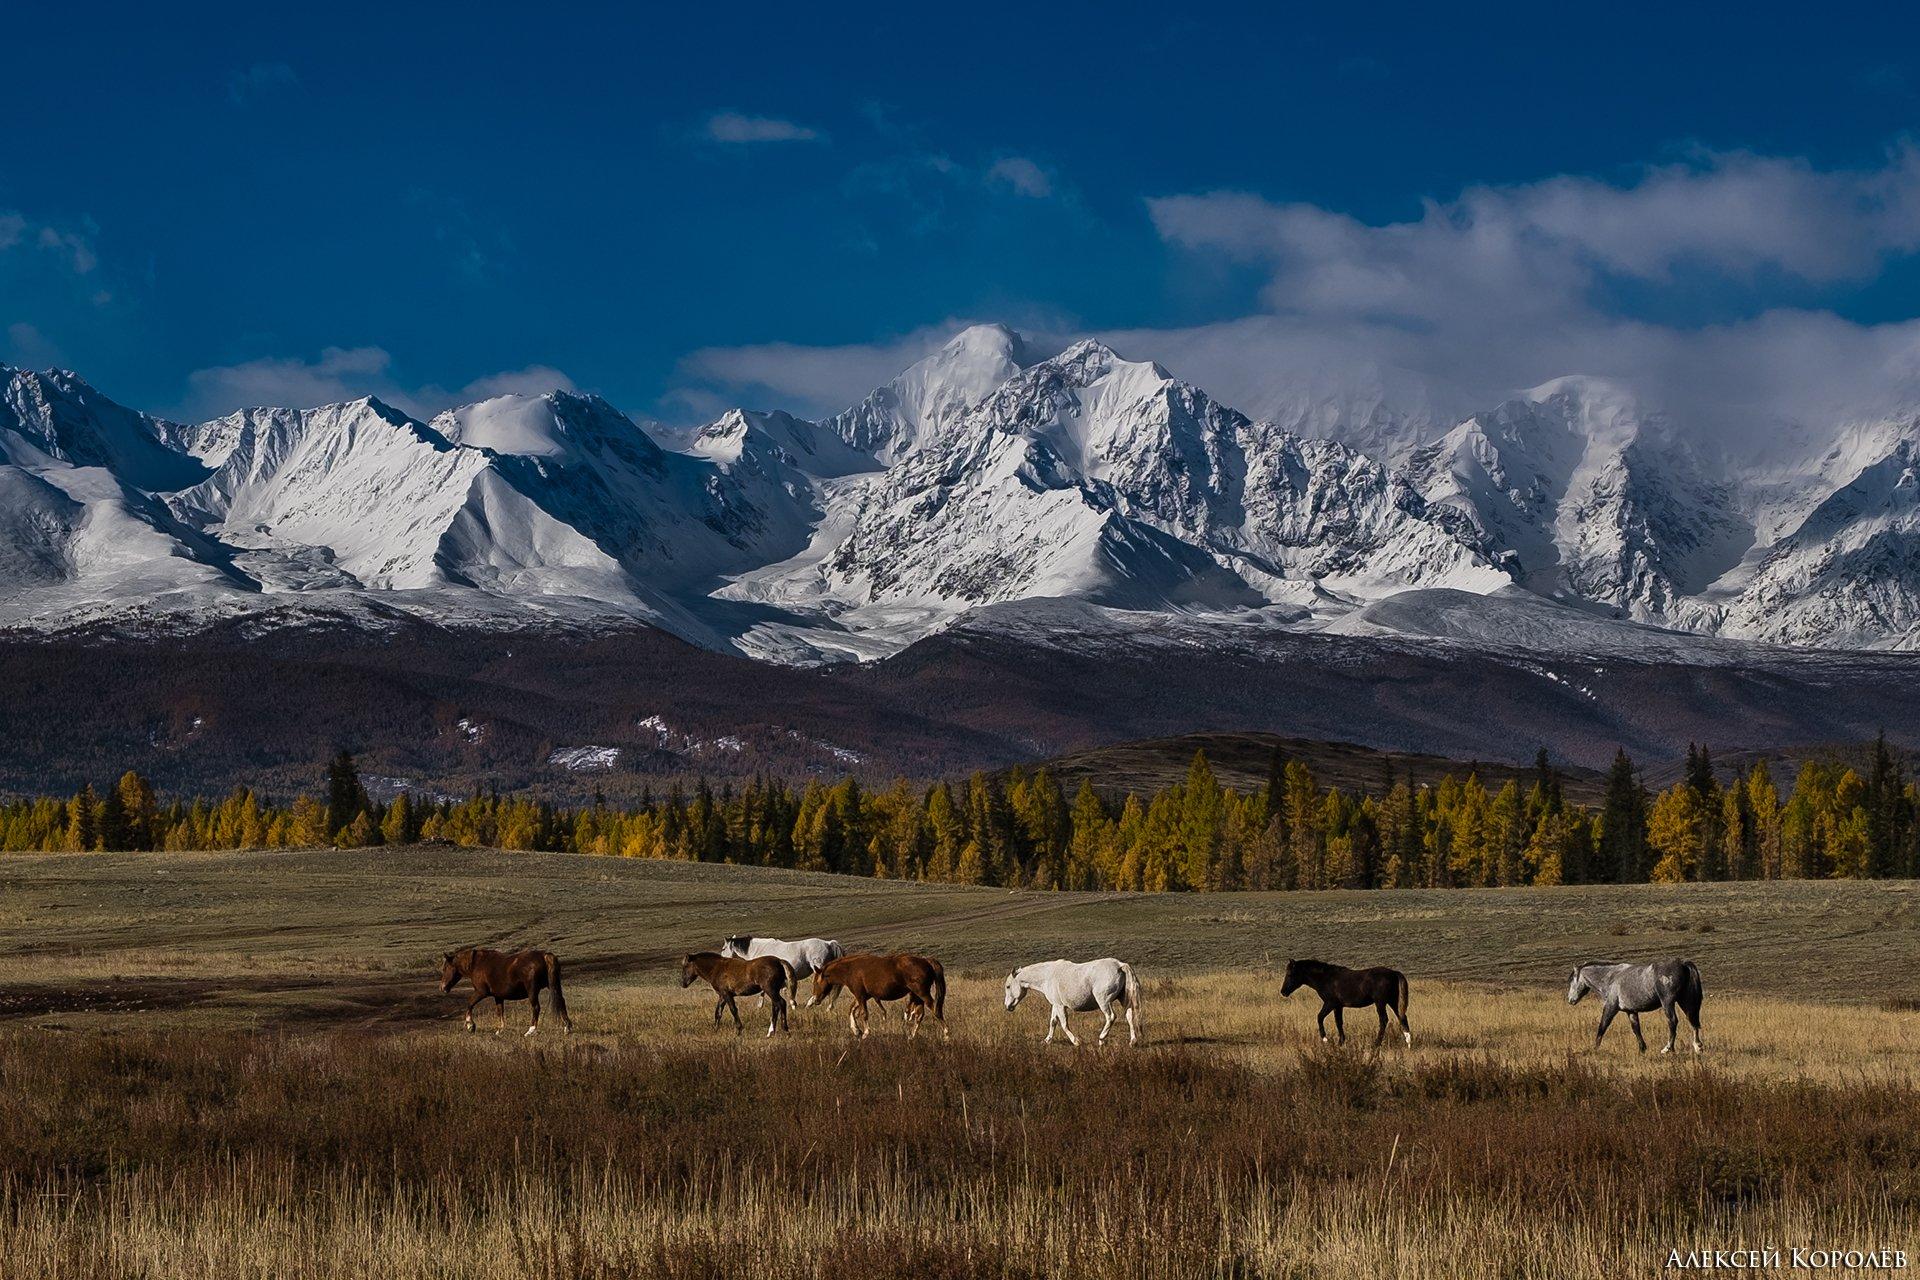 алтай, курайская степь, осень, горы, природа, пейзаж, лошади, животные, Алексей Королёв